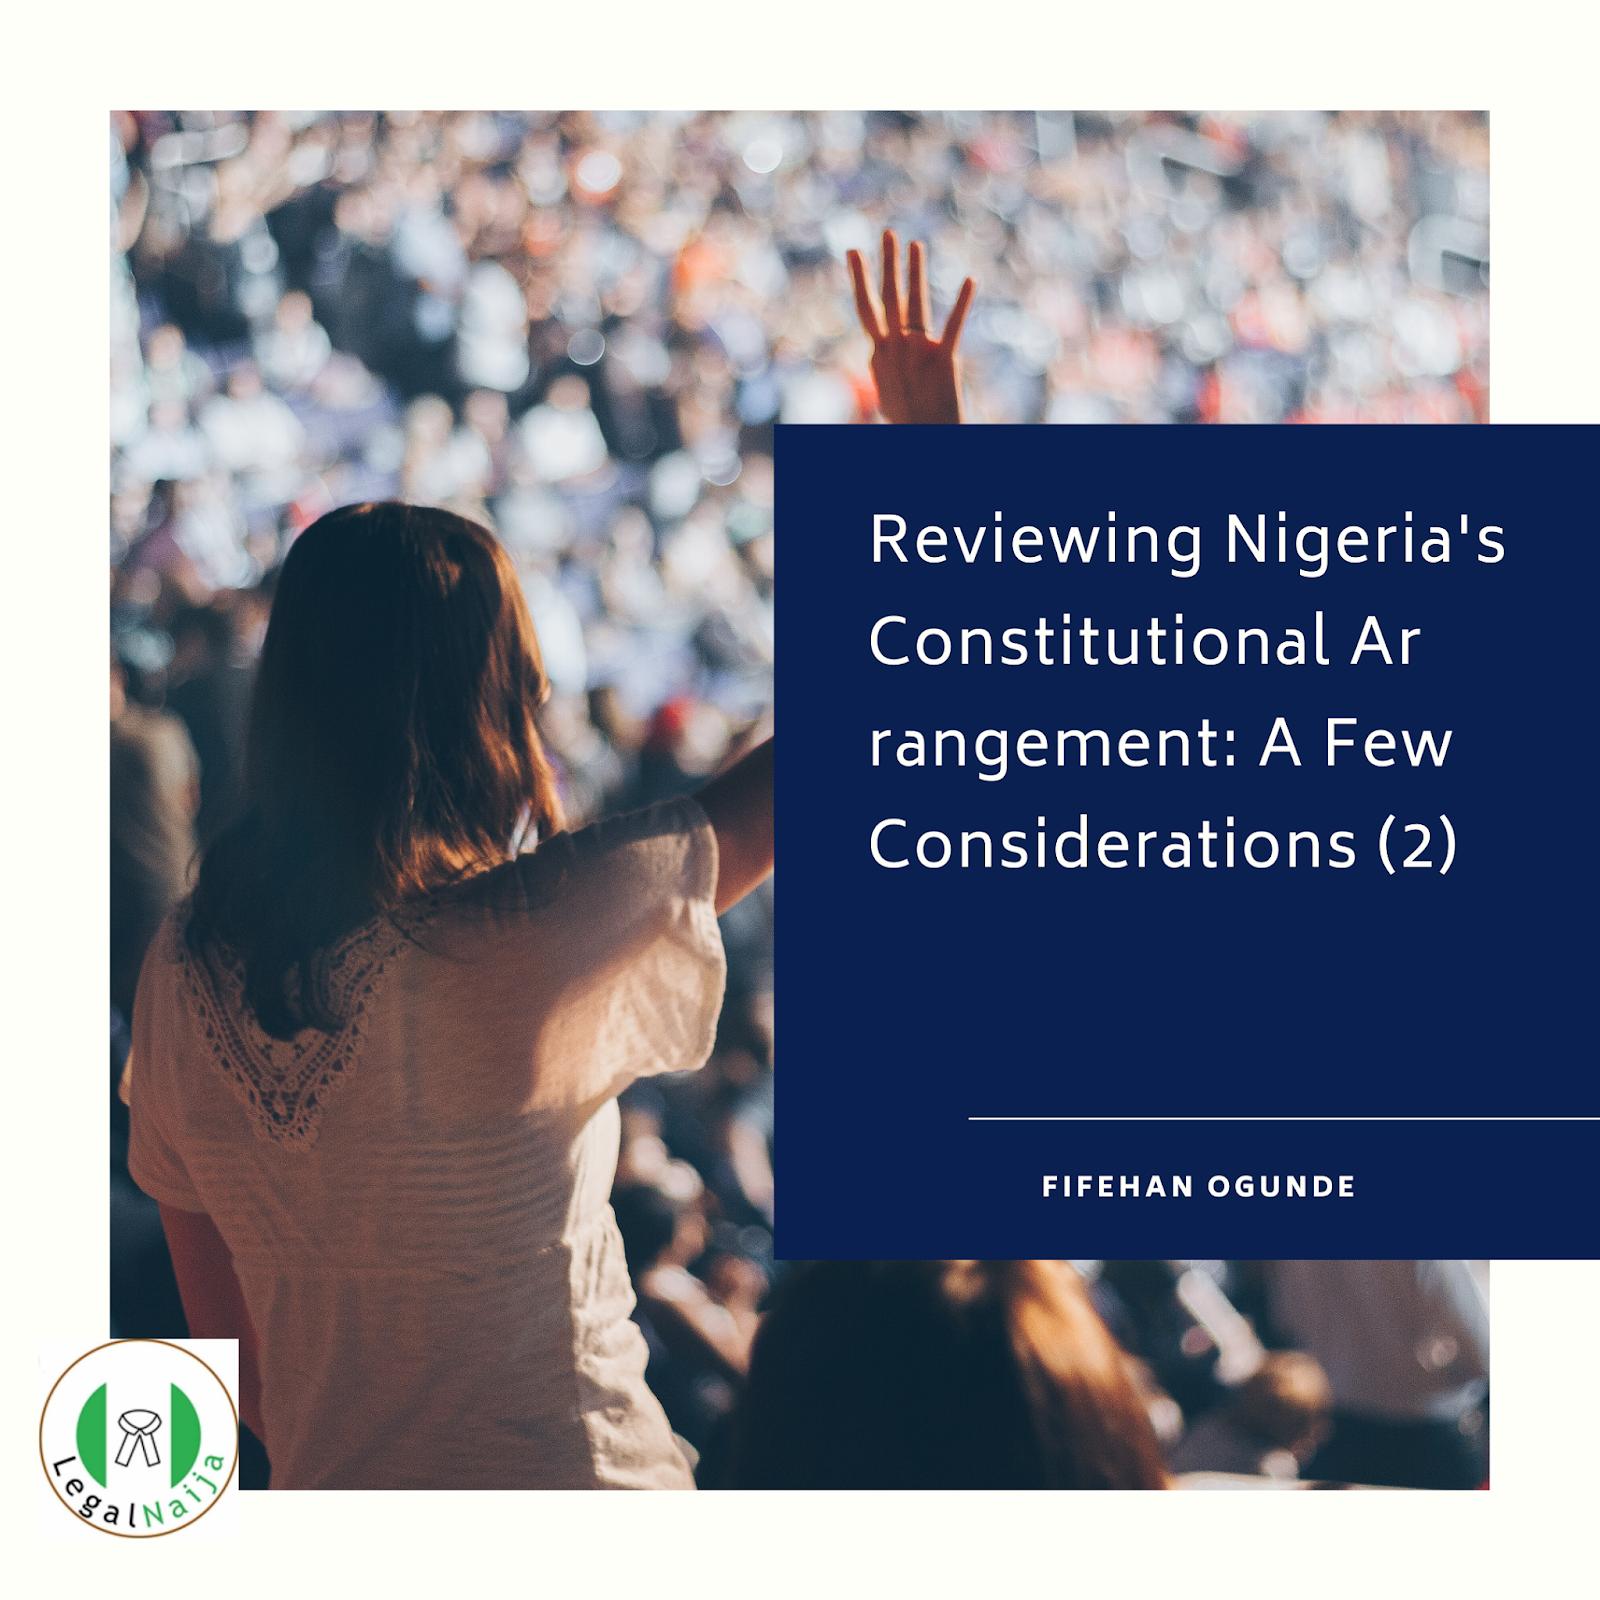 Reviewing Nigeria's Constitutional Arrangement: A Few Considerations (2) | Fifehan Ogunde